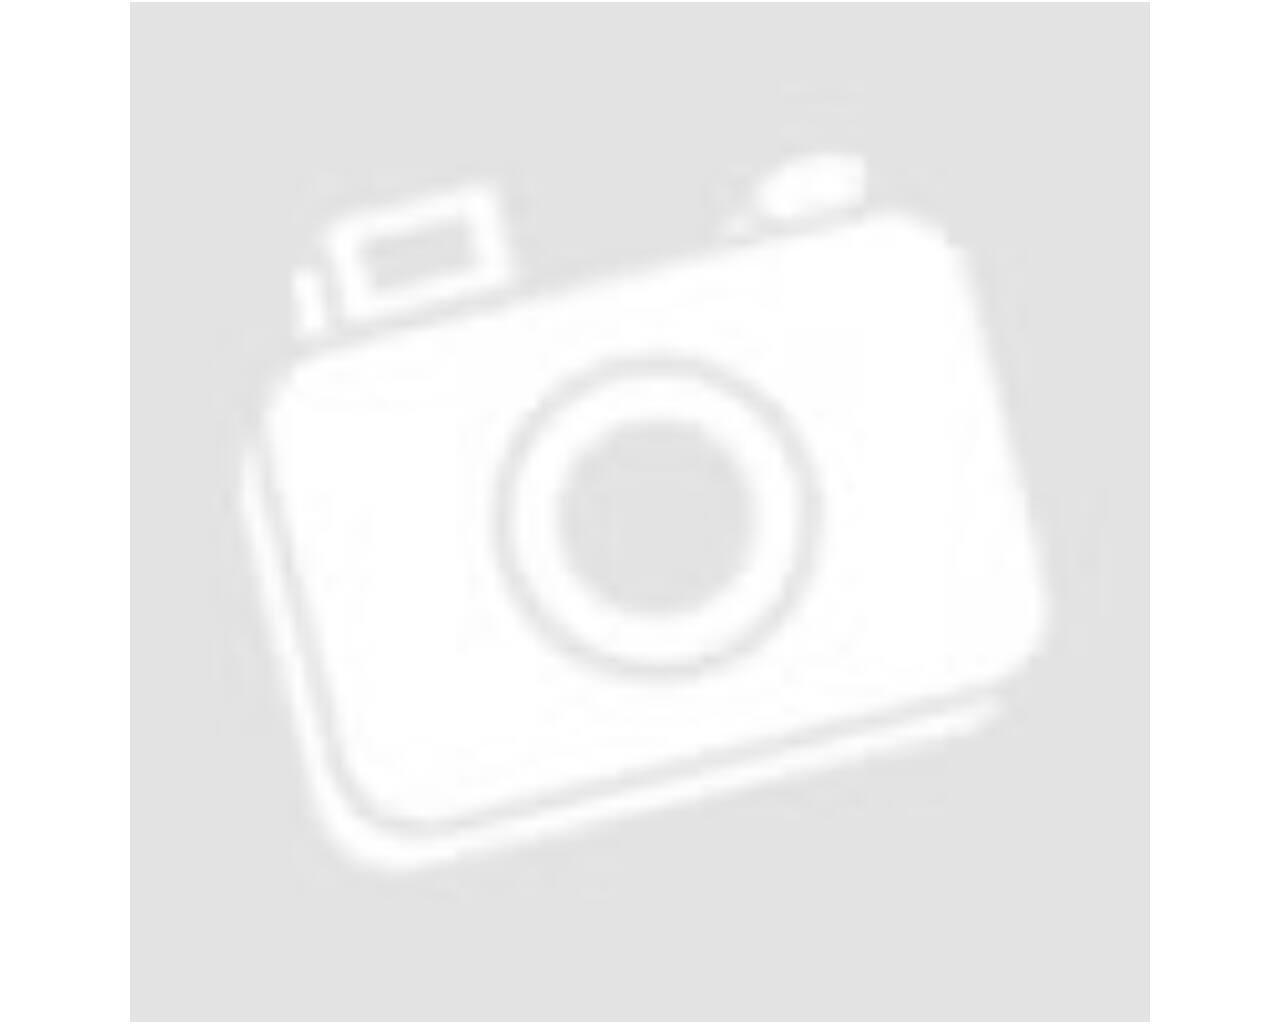 Beltéri / kültéri gránit párkány, G5664, 1540 x 150 x 20 mm